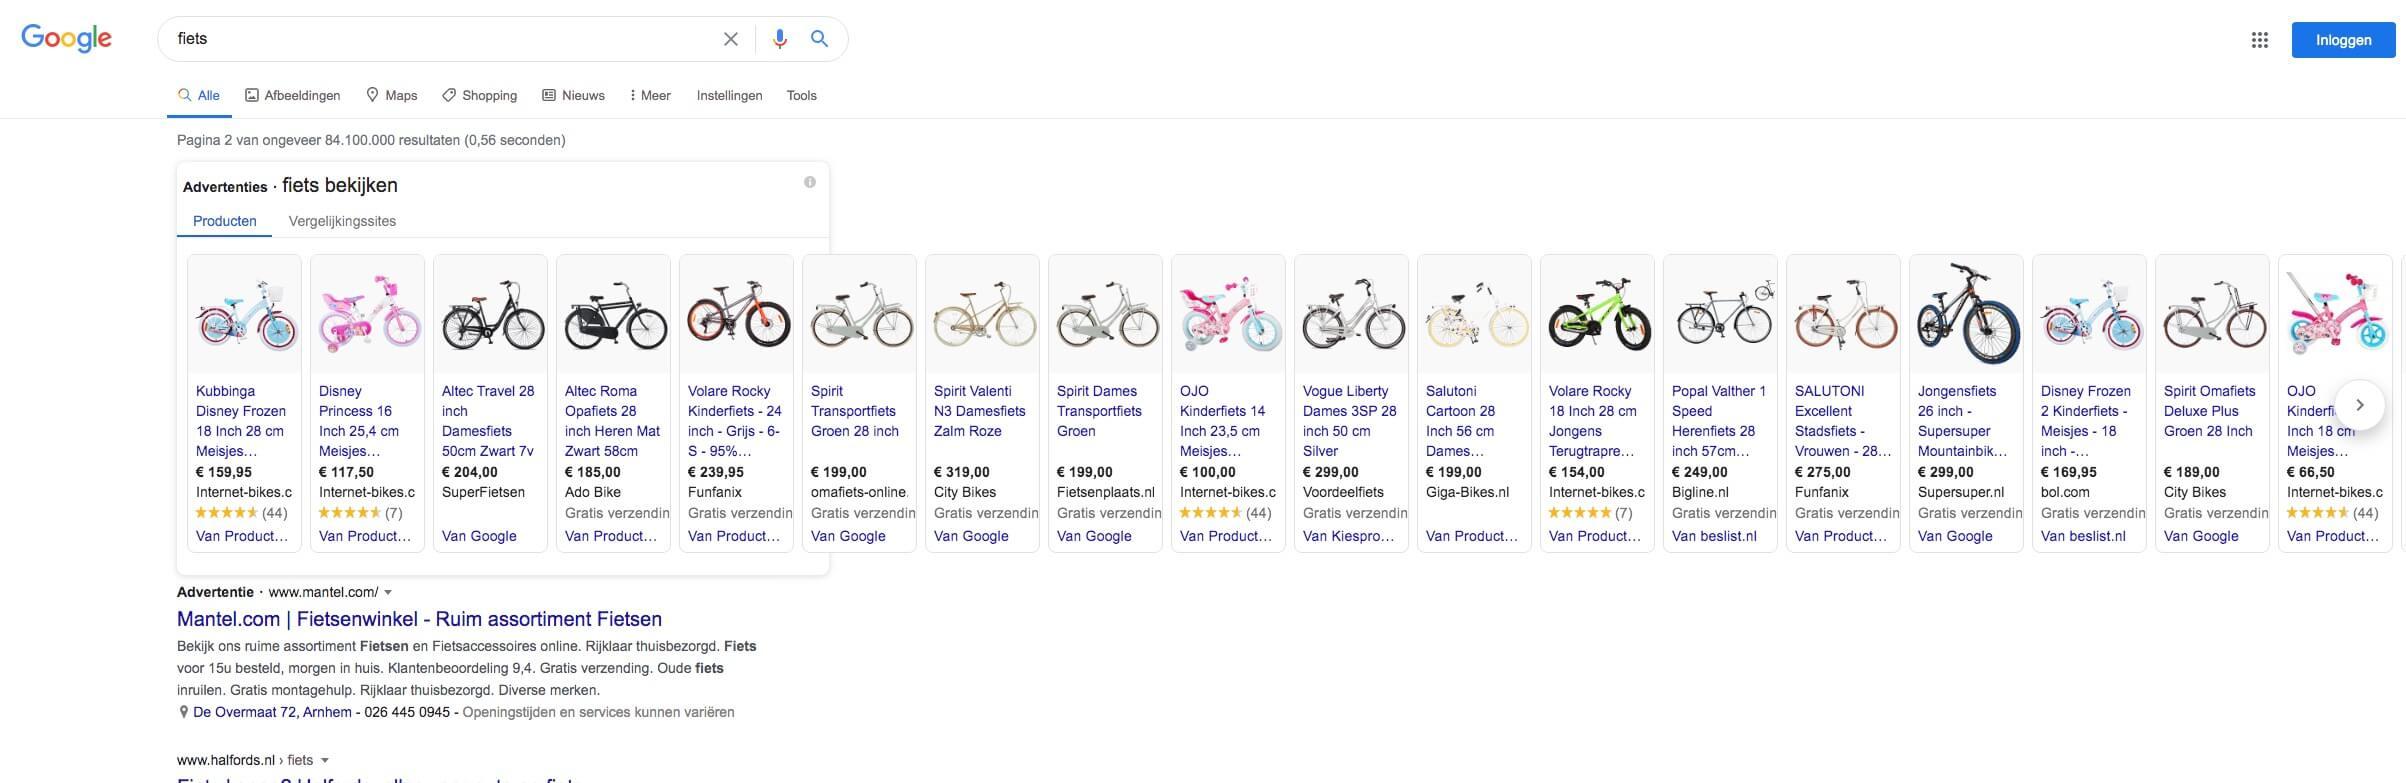 Google shopping fiets